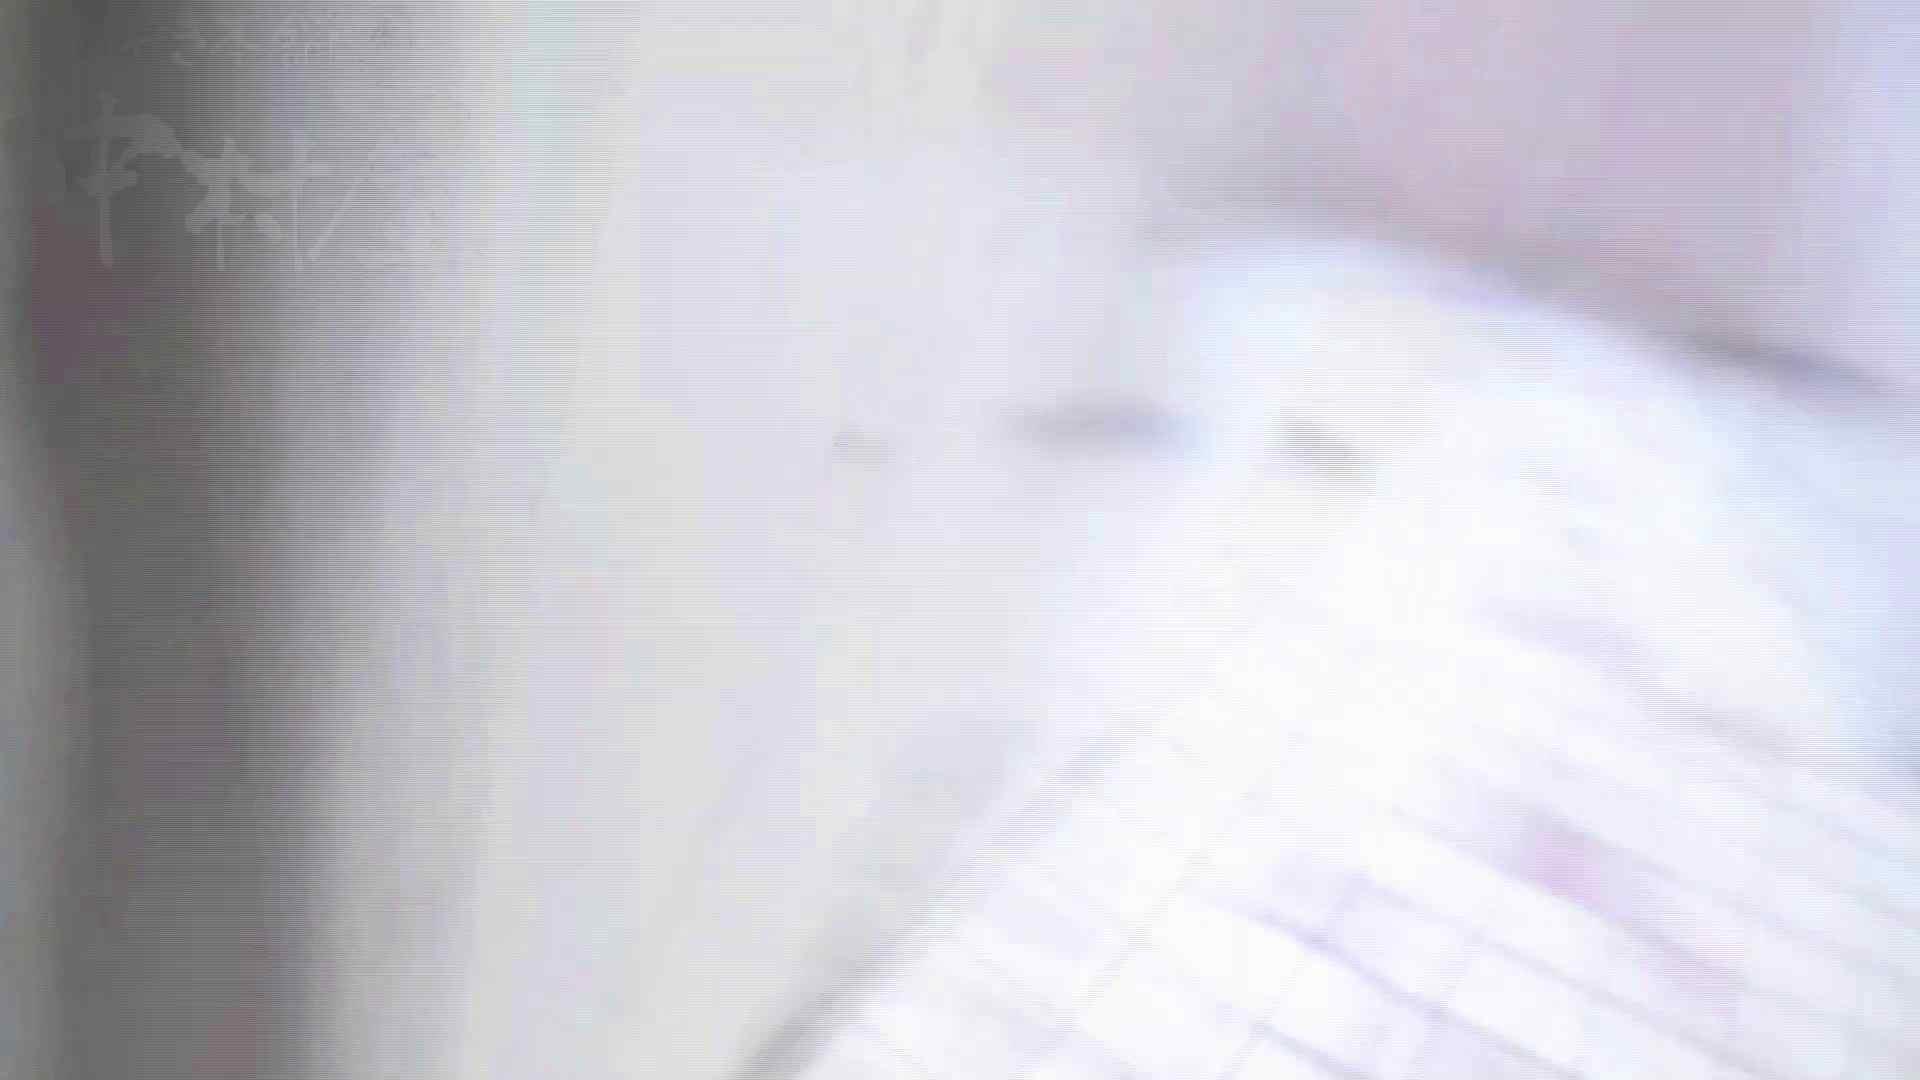 美しい日本の未来 No.17 番外編 ※※※閲覧注意※※※ 卑猥 セックス画像 99pic 61